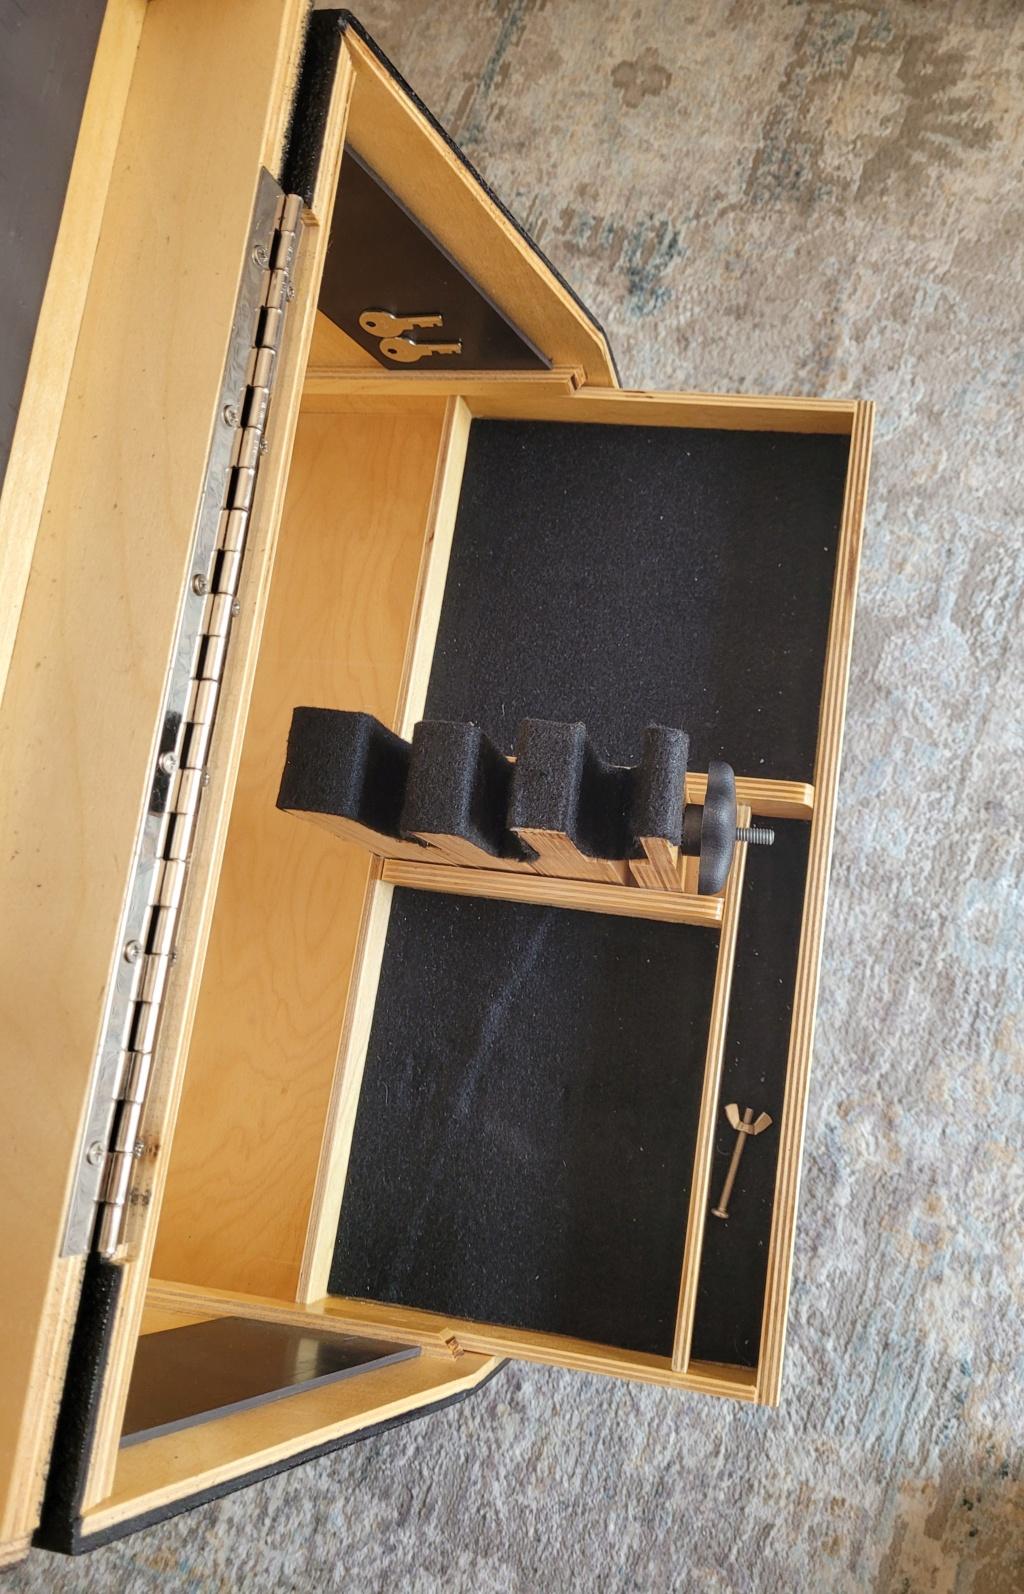 Sold: Precision Pistol Box - 3 Gun Deluxe Mint - $275 20210518